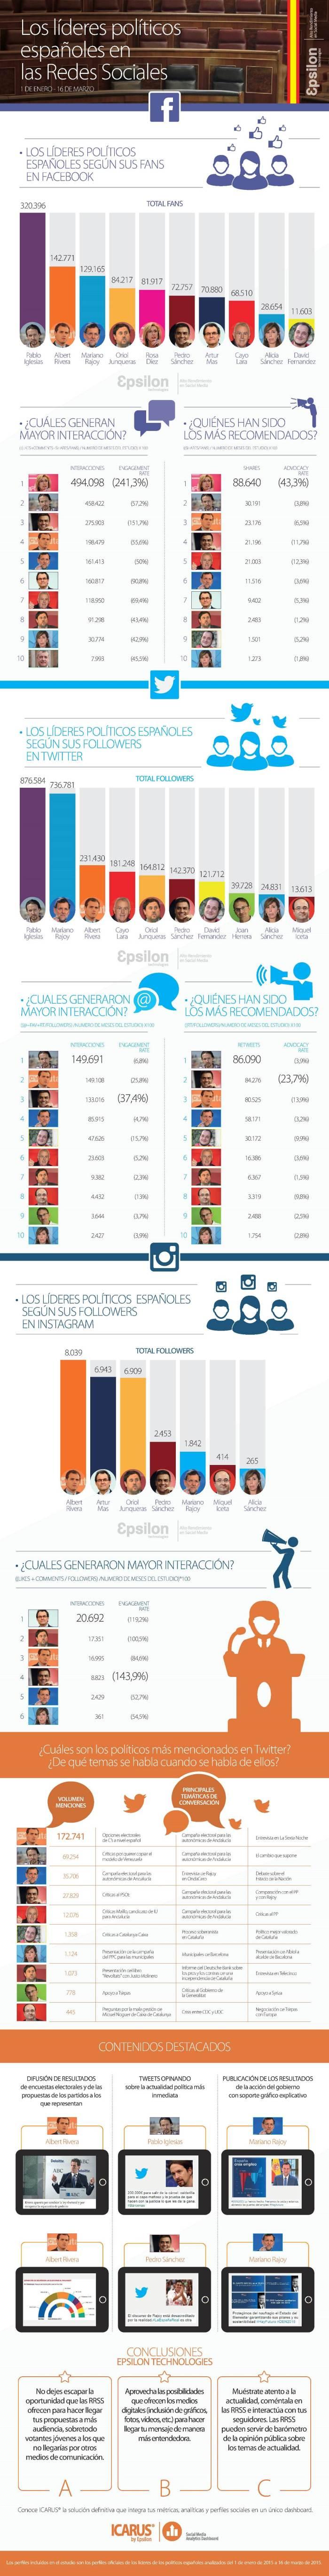 ranking-liderespoliticos-redes-sociales-infografia